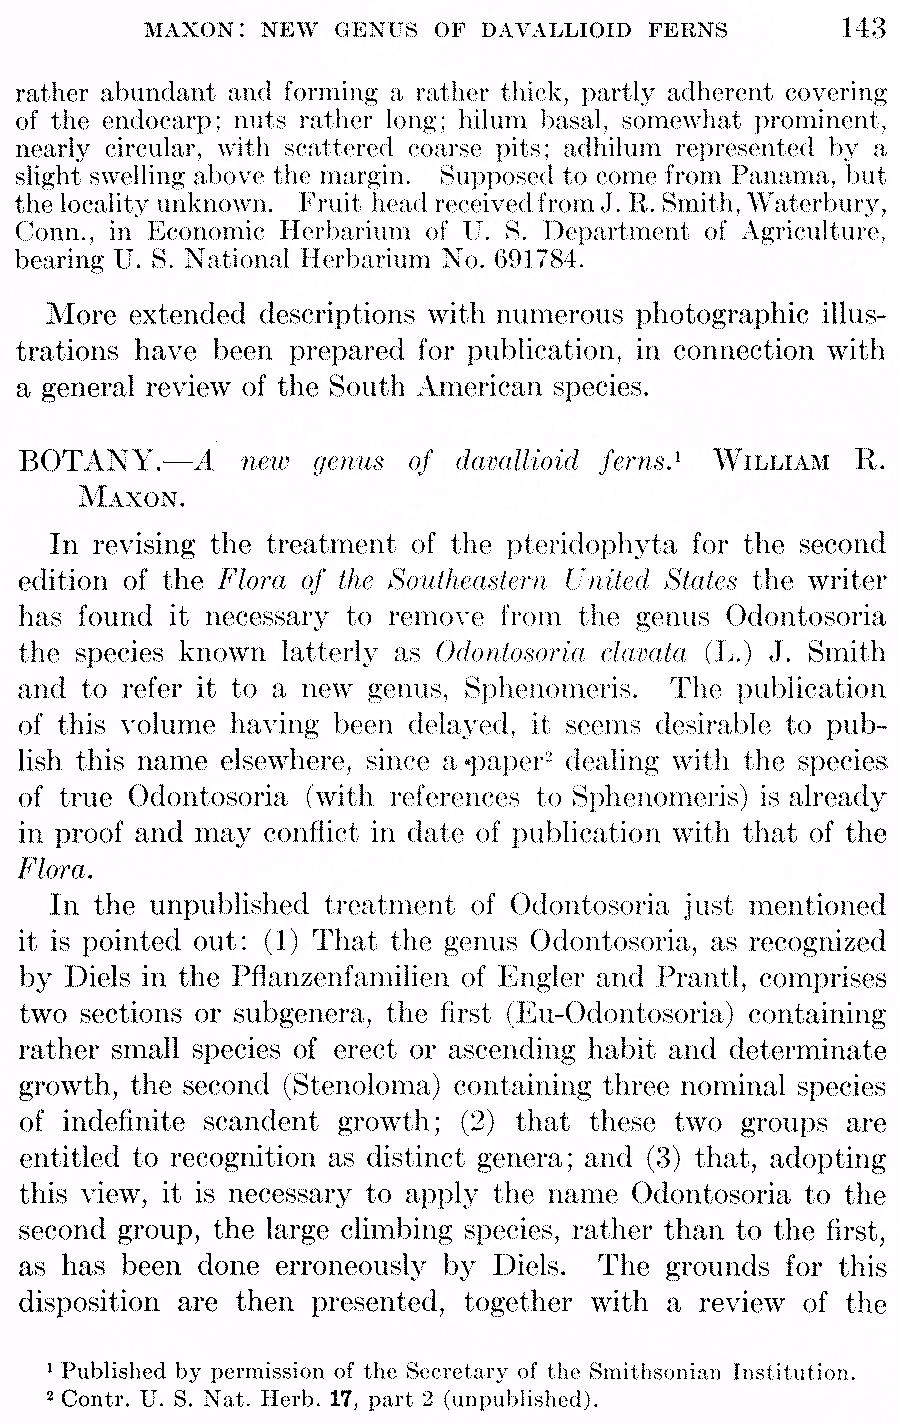 https://forum.plantarium.ru/misc.php?action=pun_attachment&item=28608